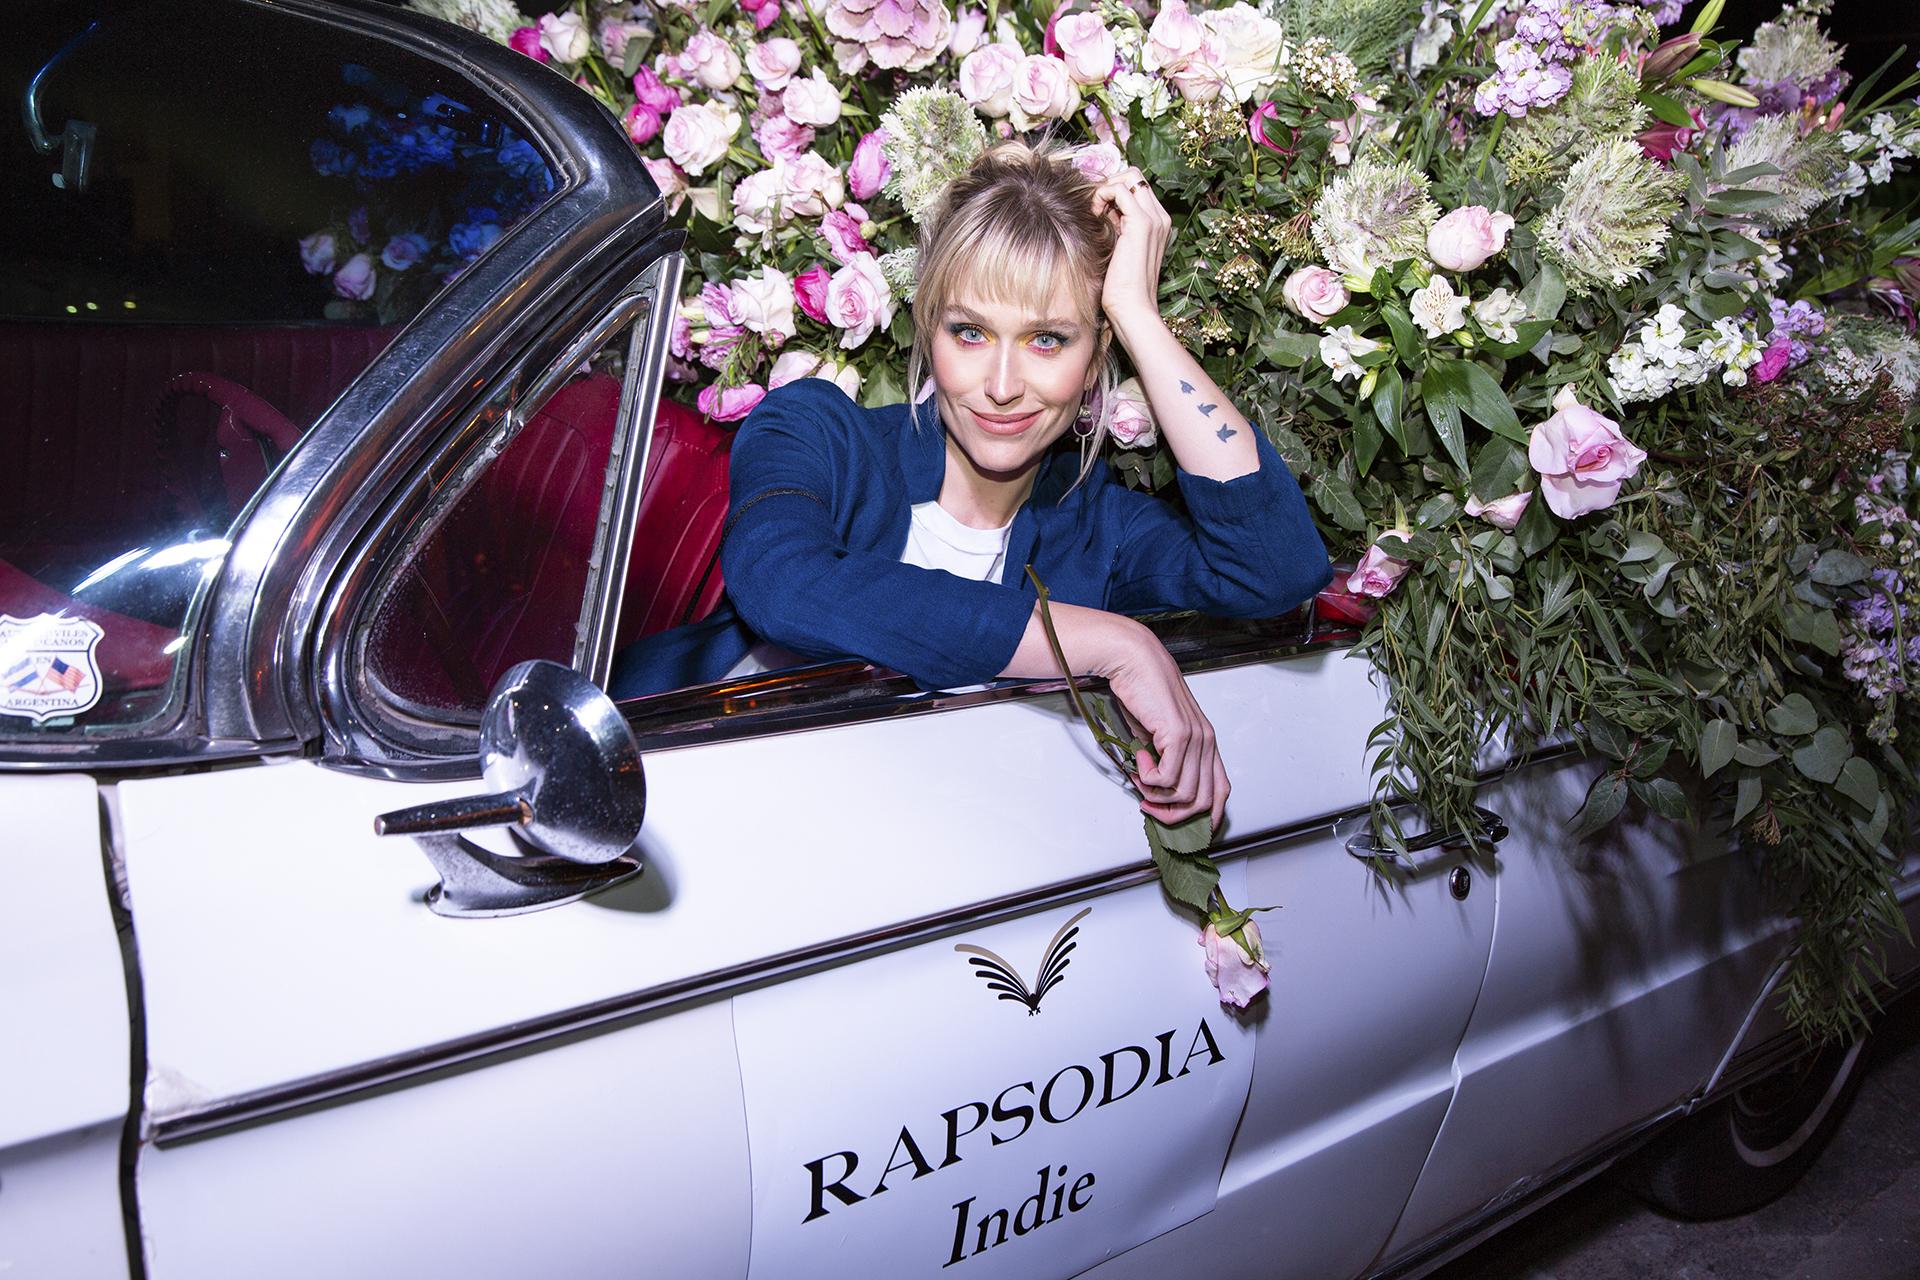 Brenda Gandini divertida en el auto Rapsodia Indie en la presentación de la nueva fragancia de la marca